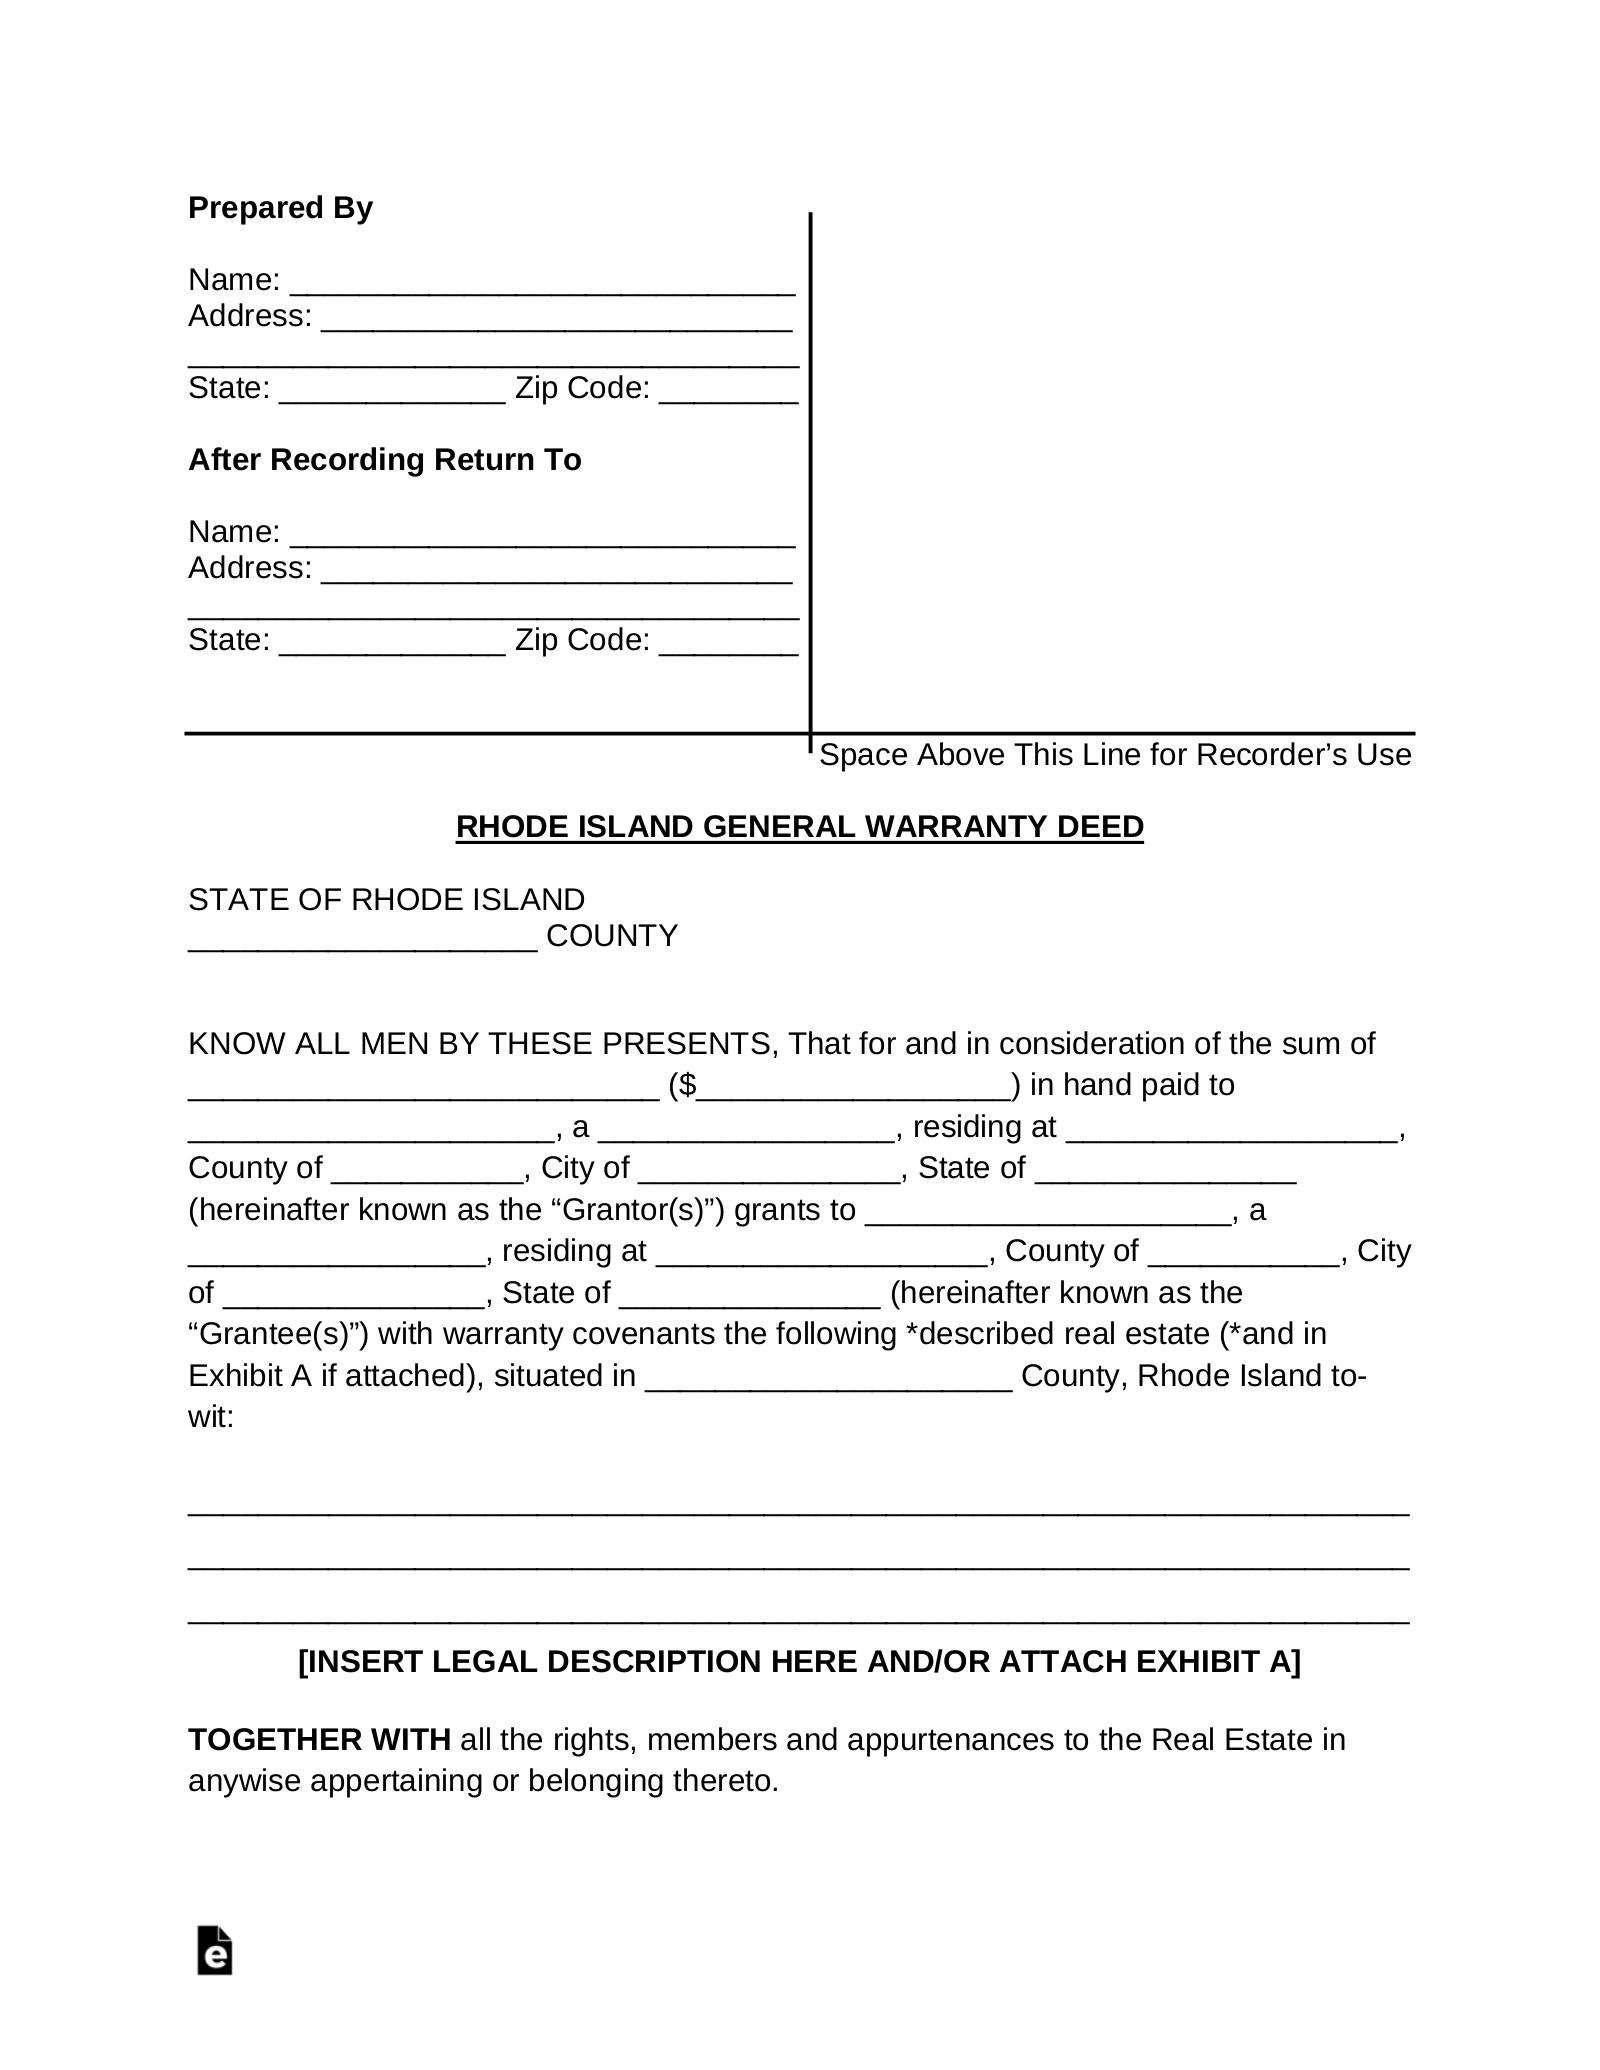 Free Rhode Island General Warranty Deed Form Pdf Word Eforms